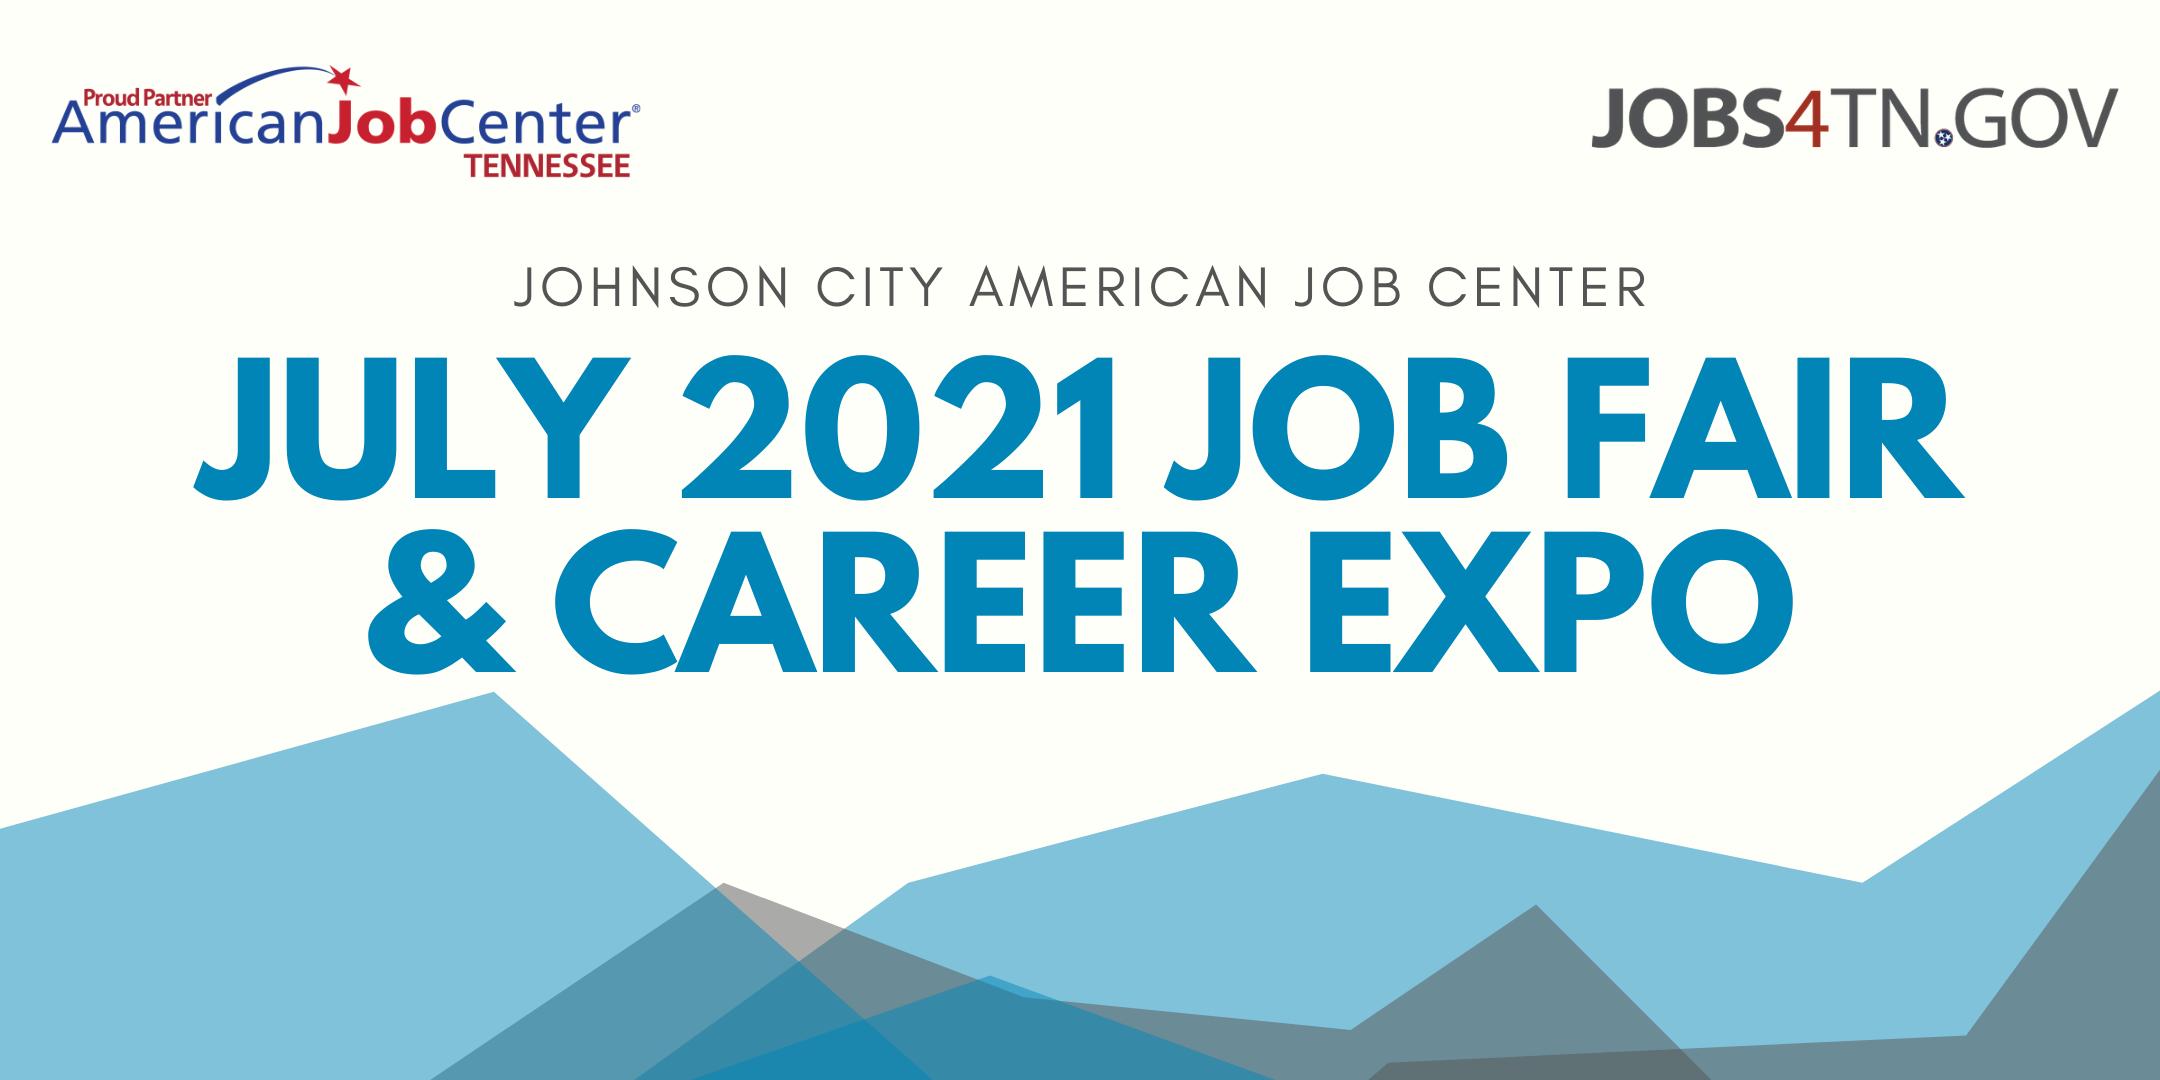 July 2021 Job Fair & Career Expo 1